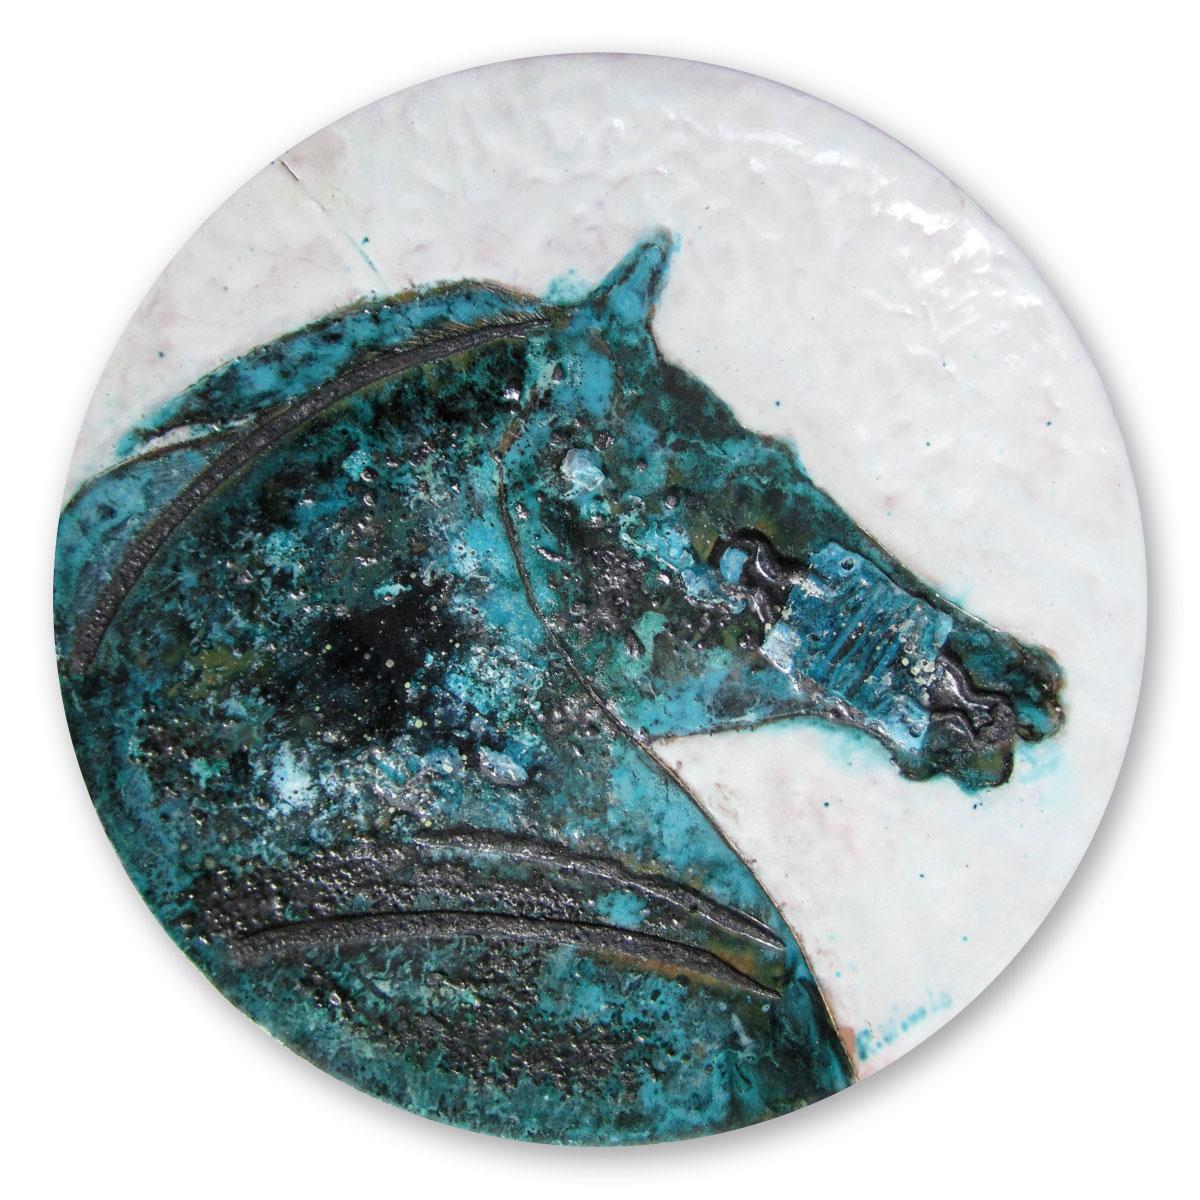 L'opera dell'artista Renata Minuto acquisita dal Museo a cielo aperto di Denice, dedicato alla ceramica contemporanea